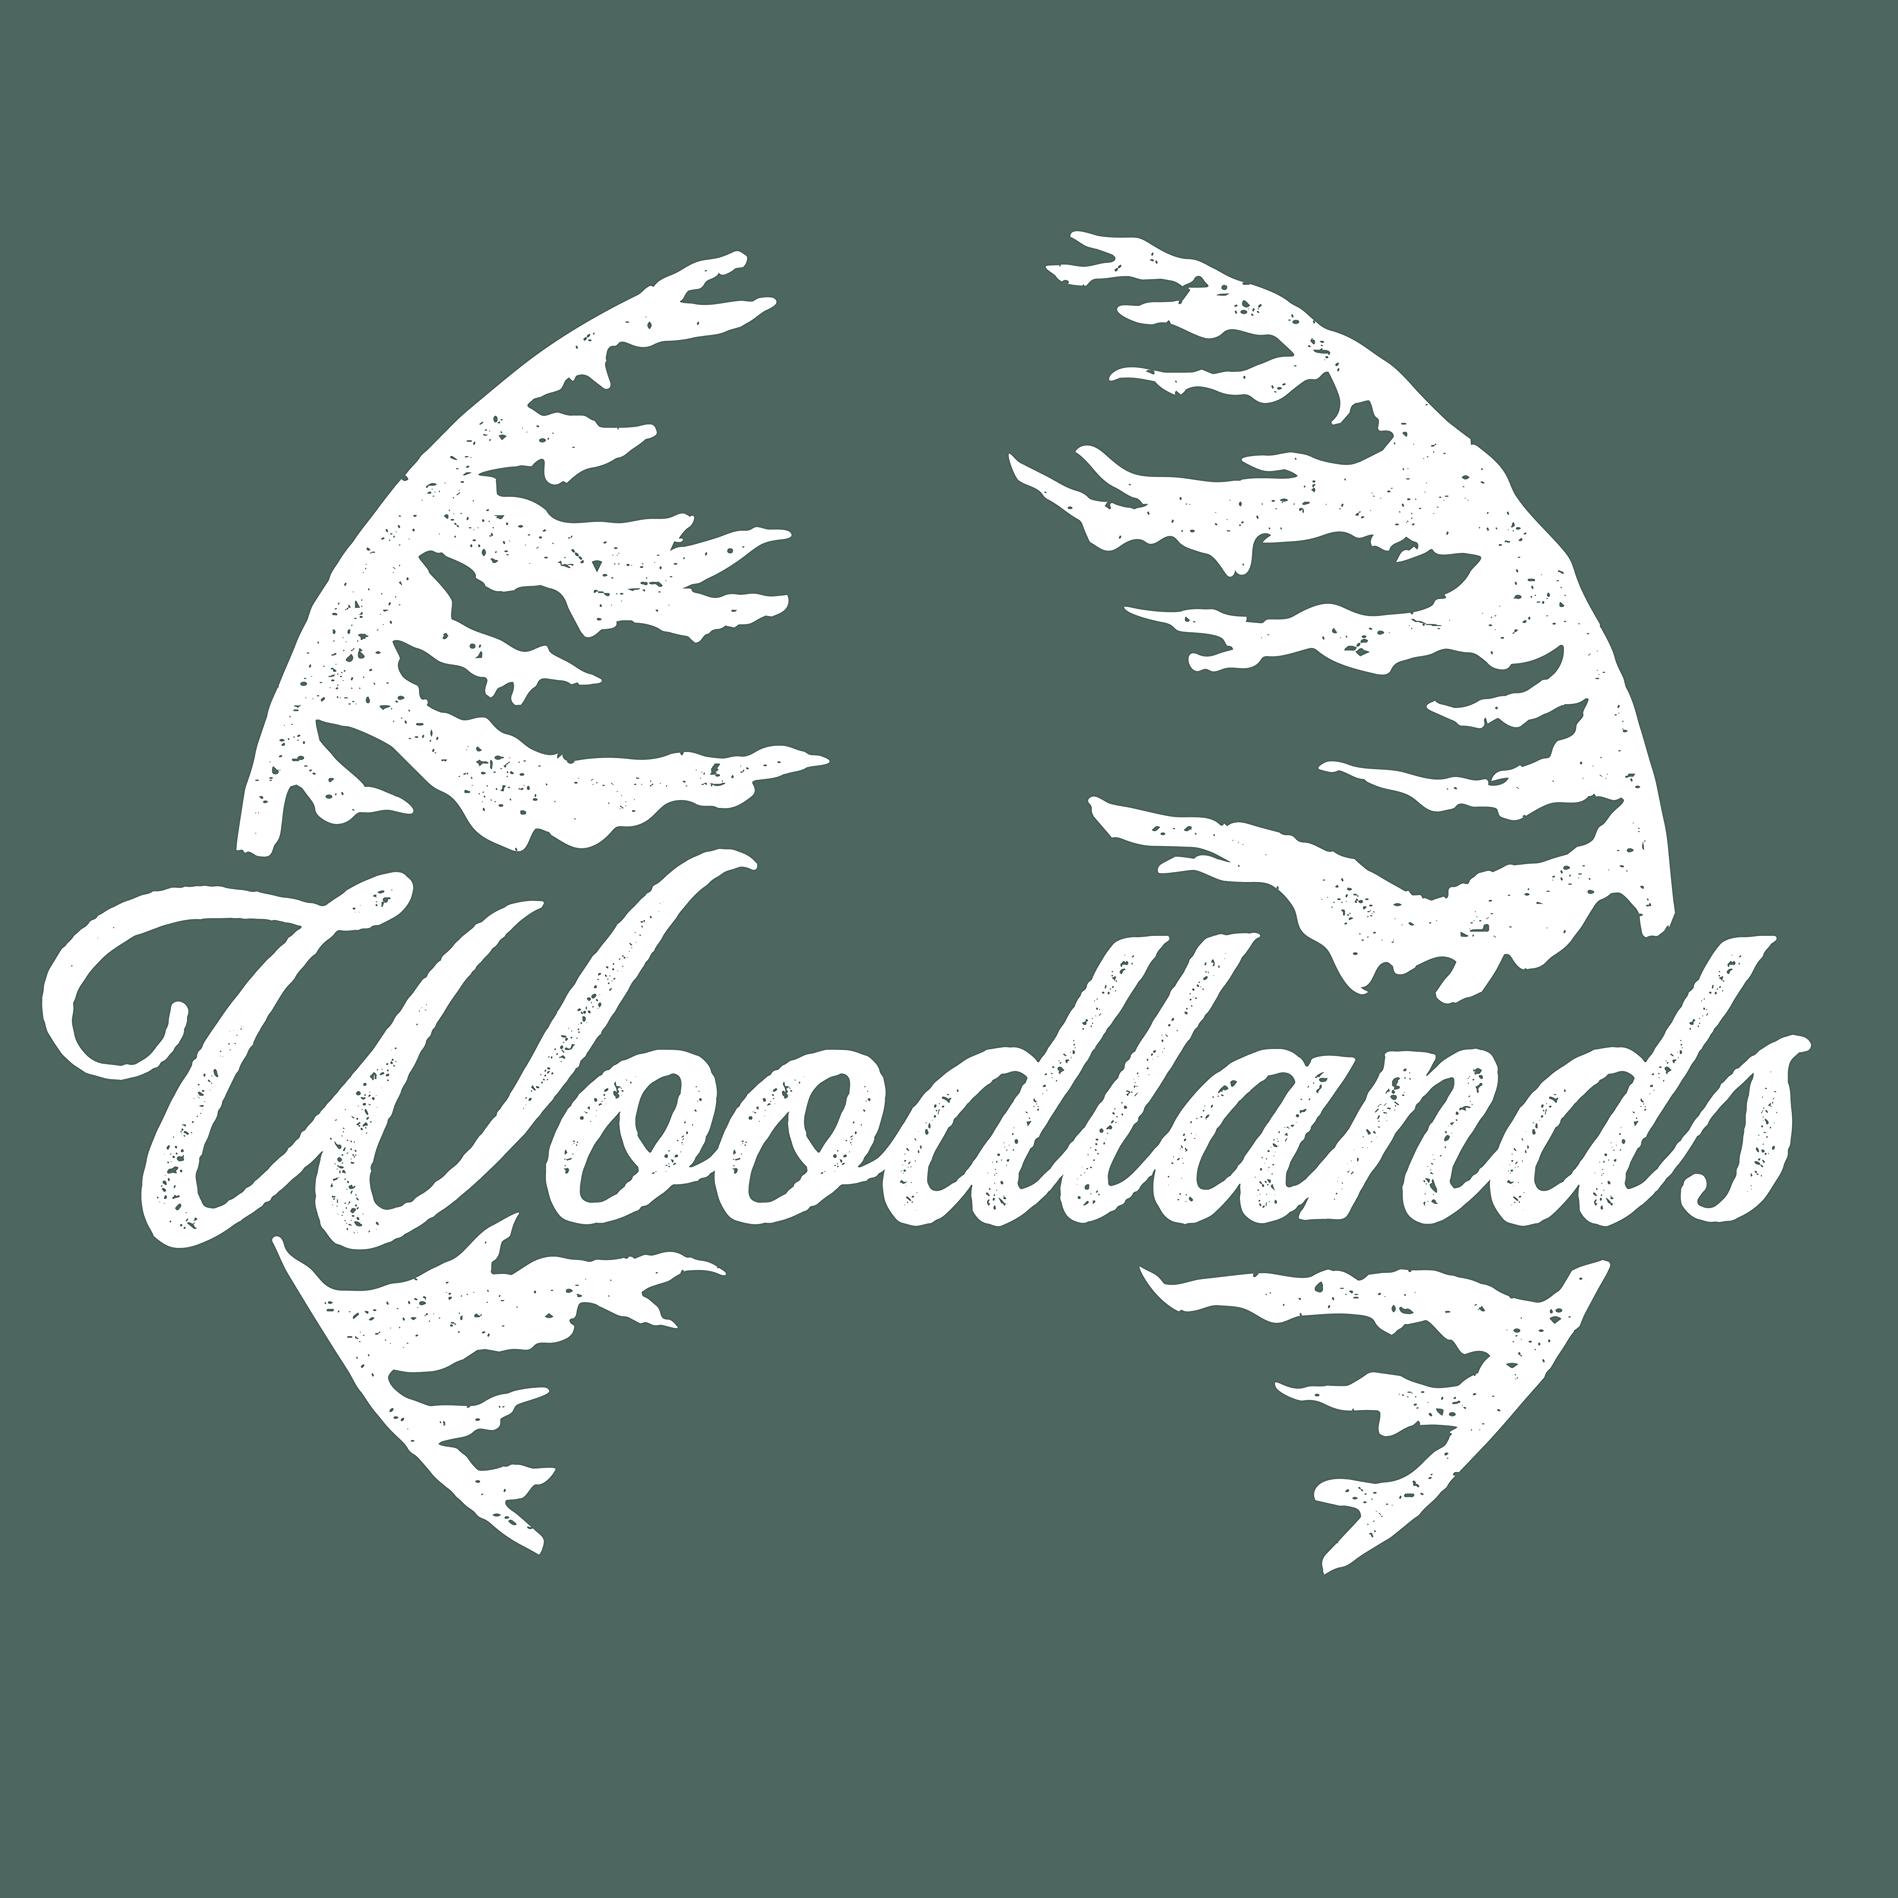 Woodlands Clothing